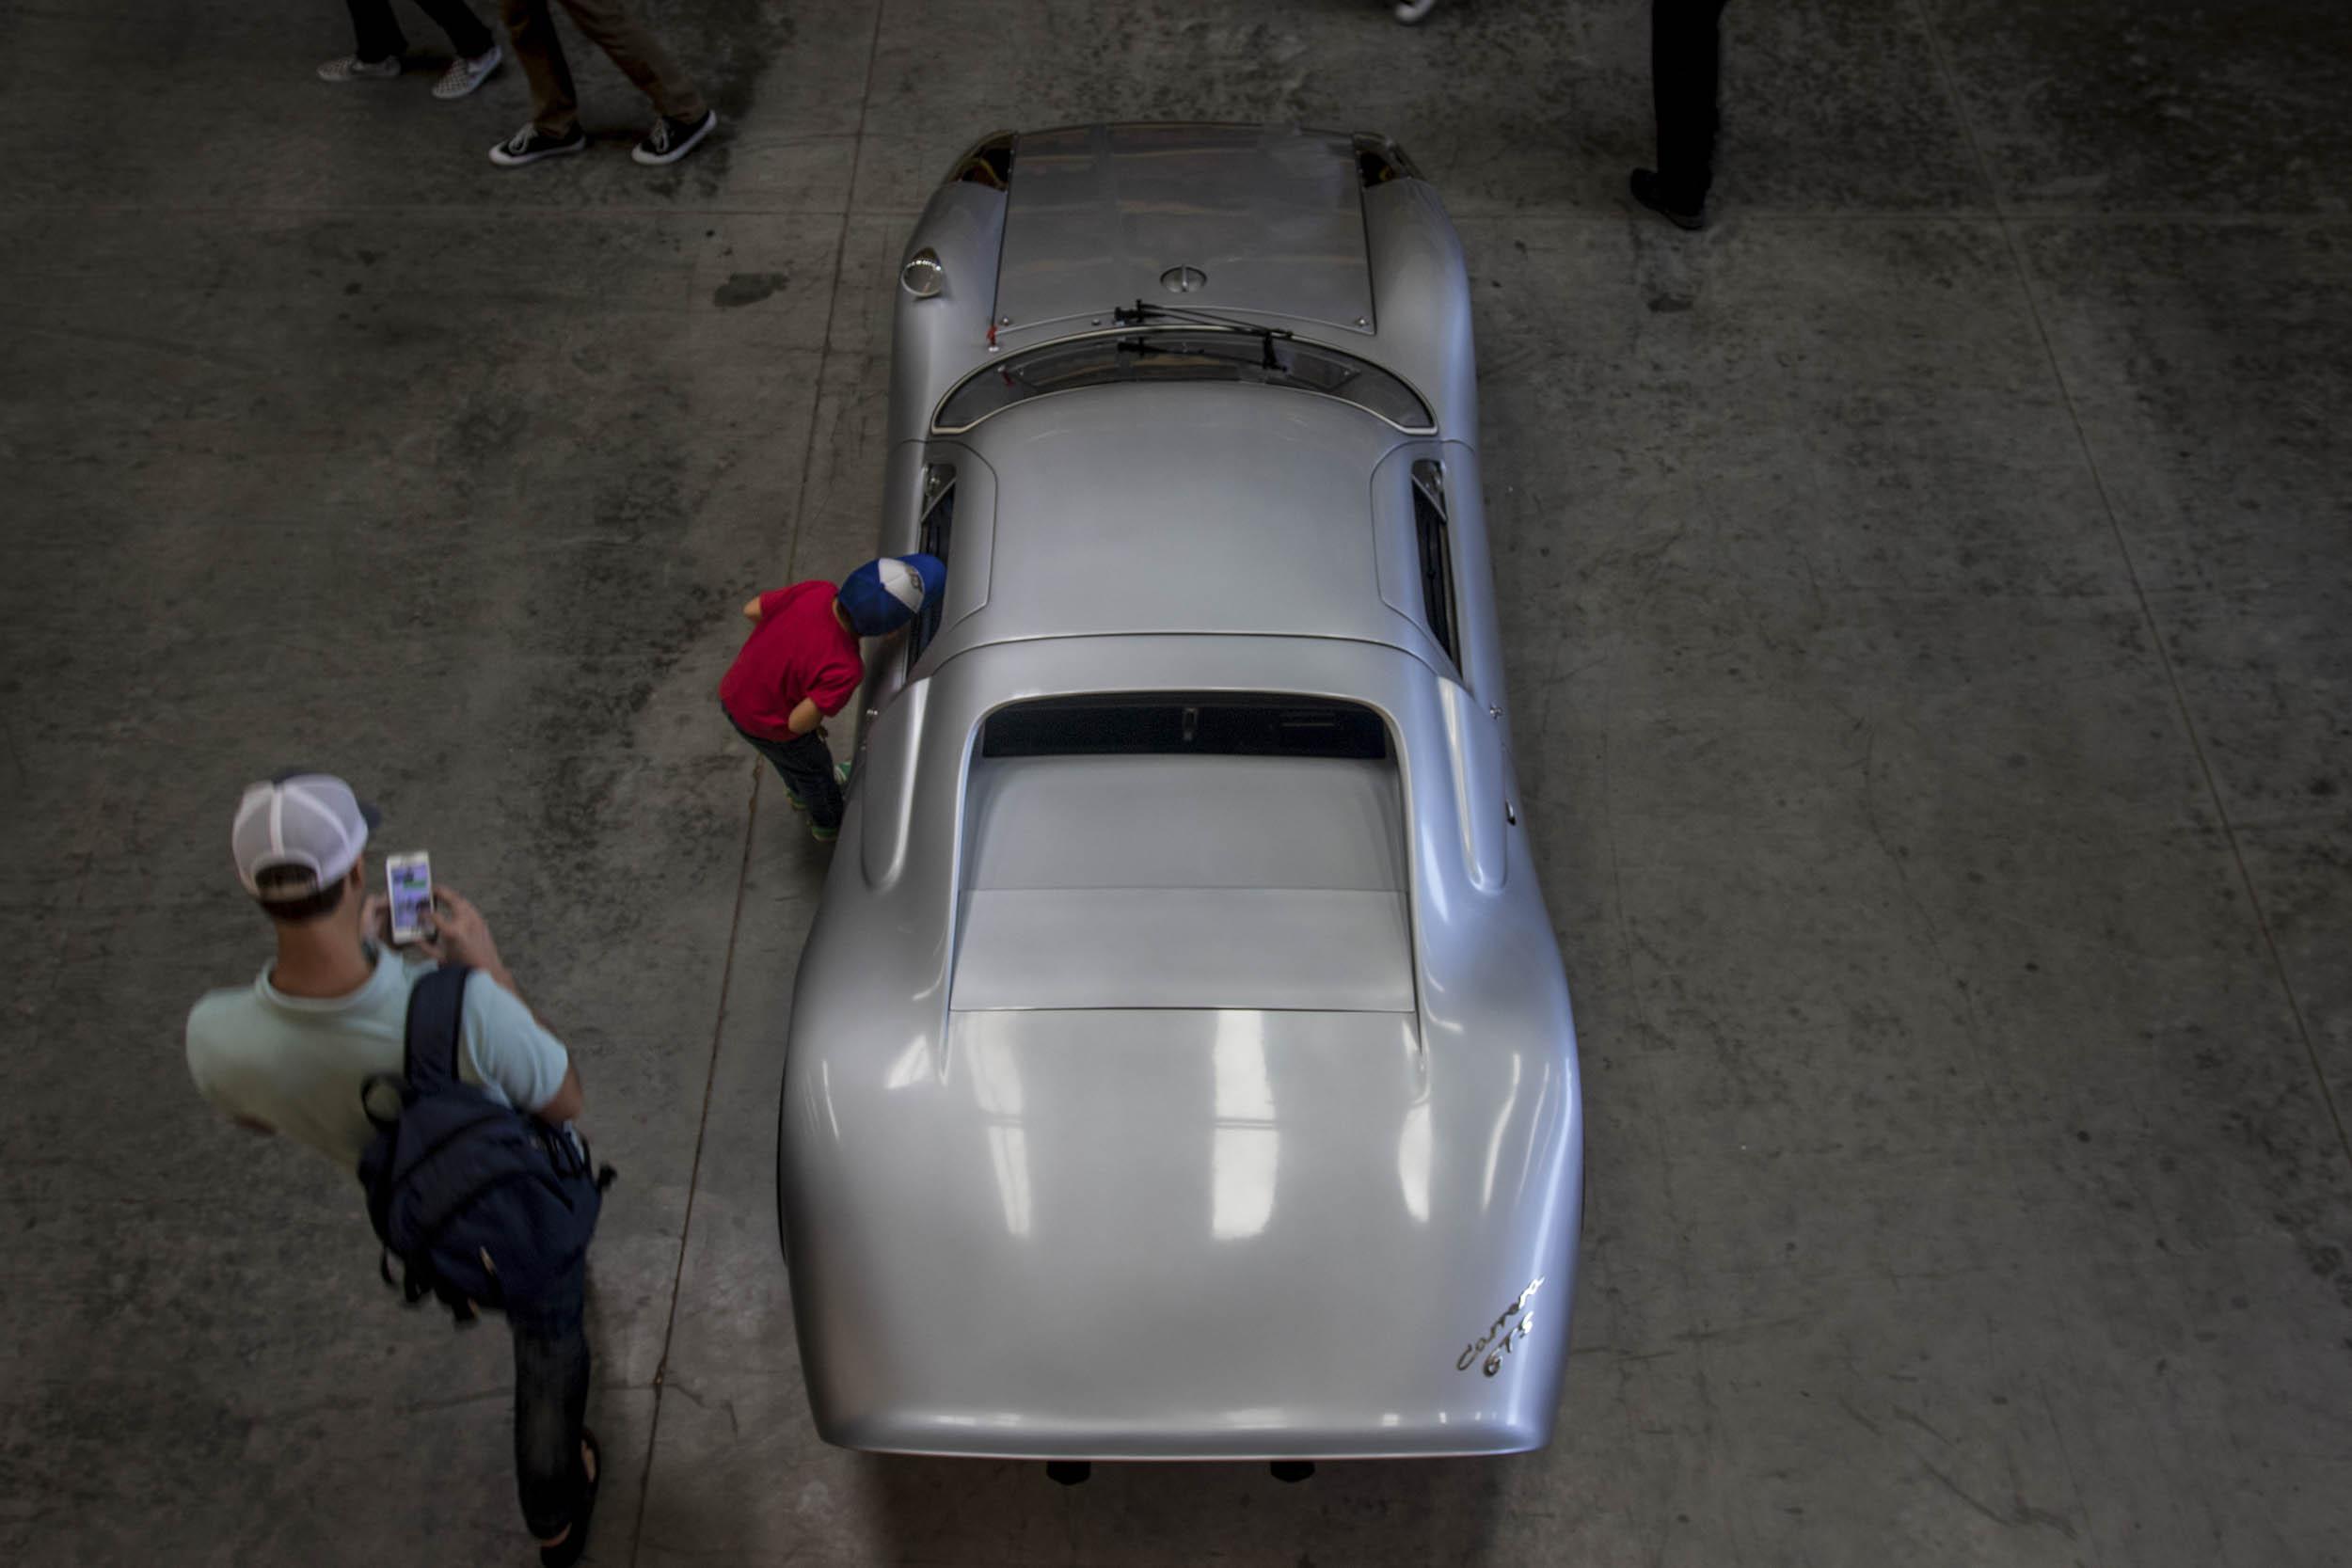 Porsche Carrera GTS at Luftgekühlt